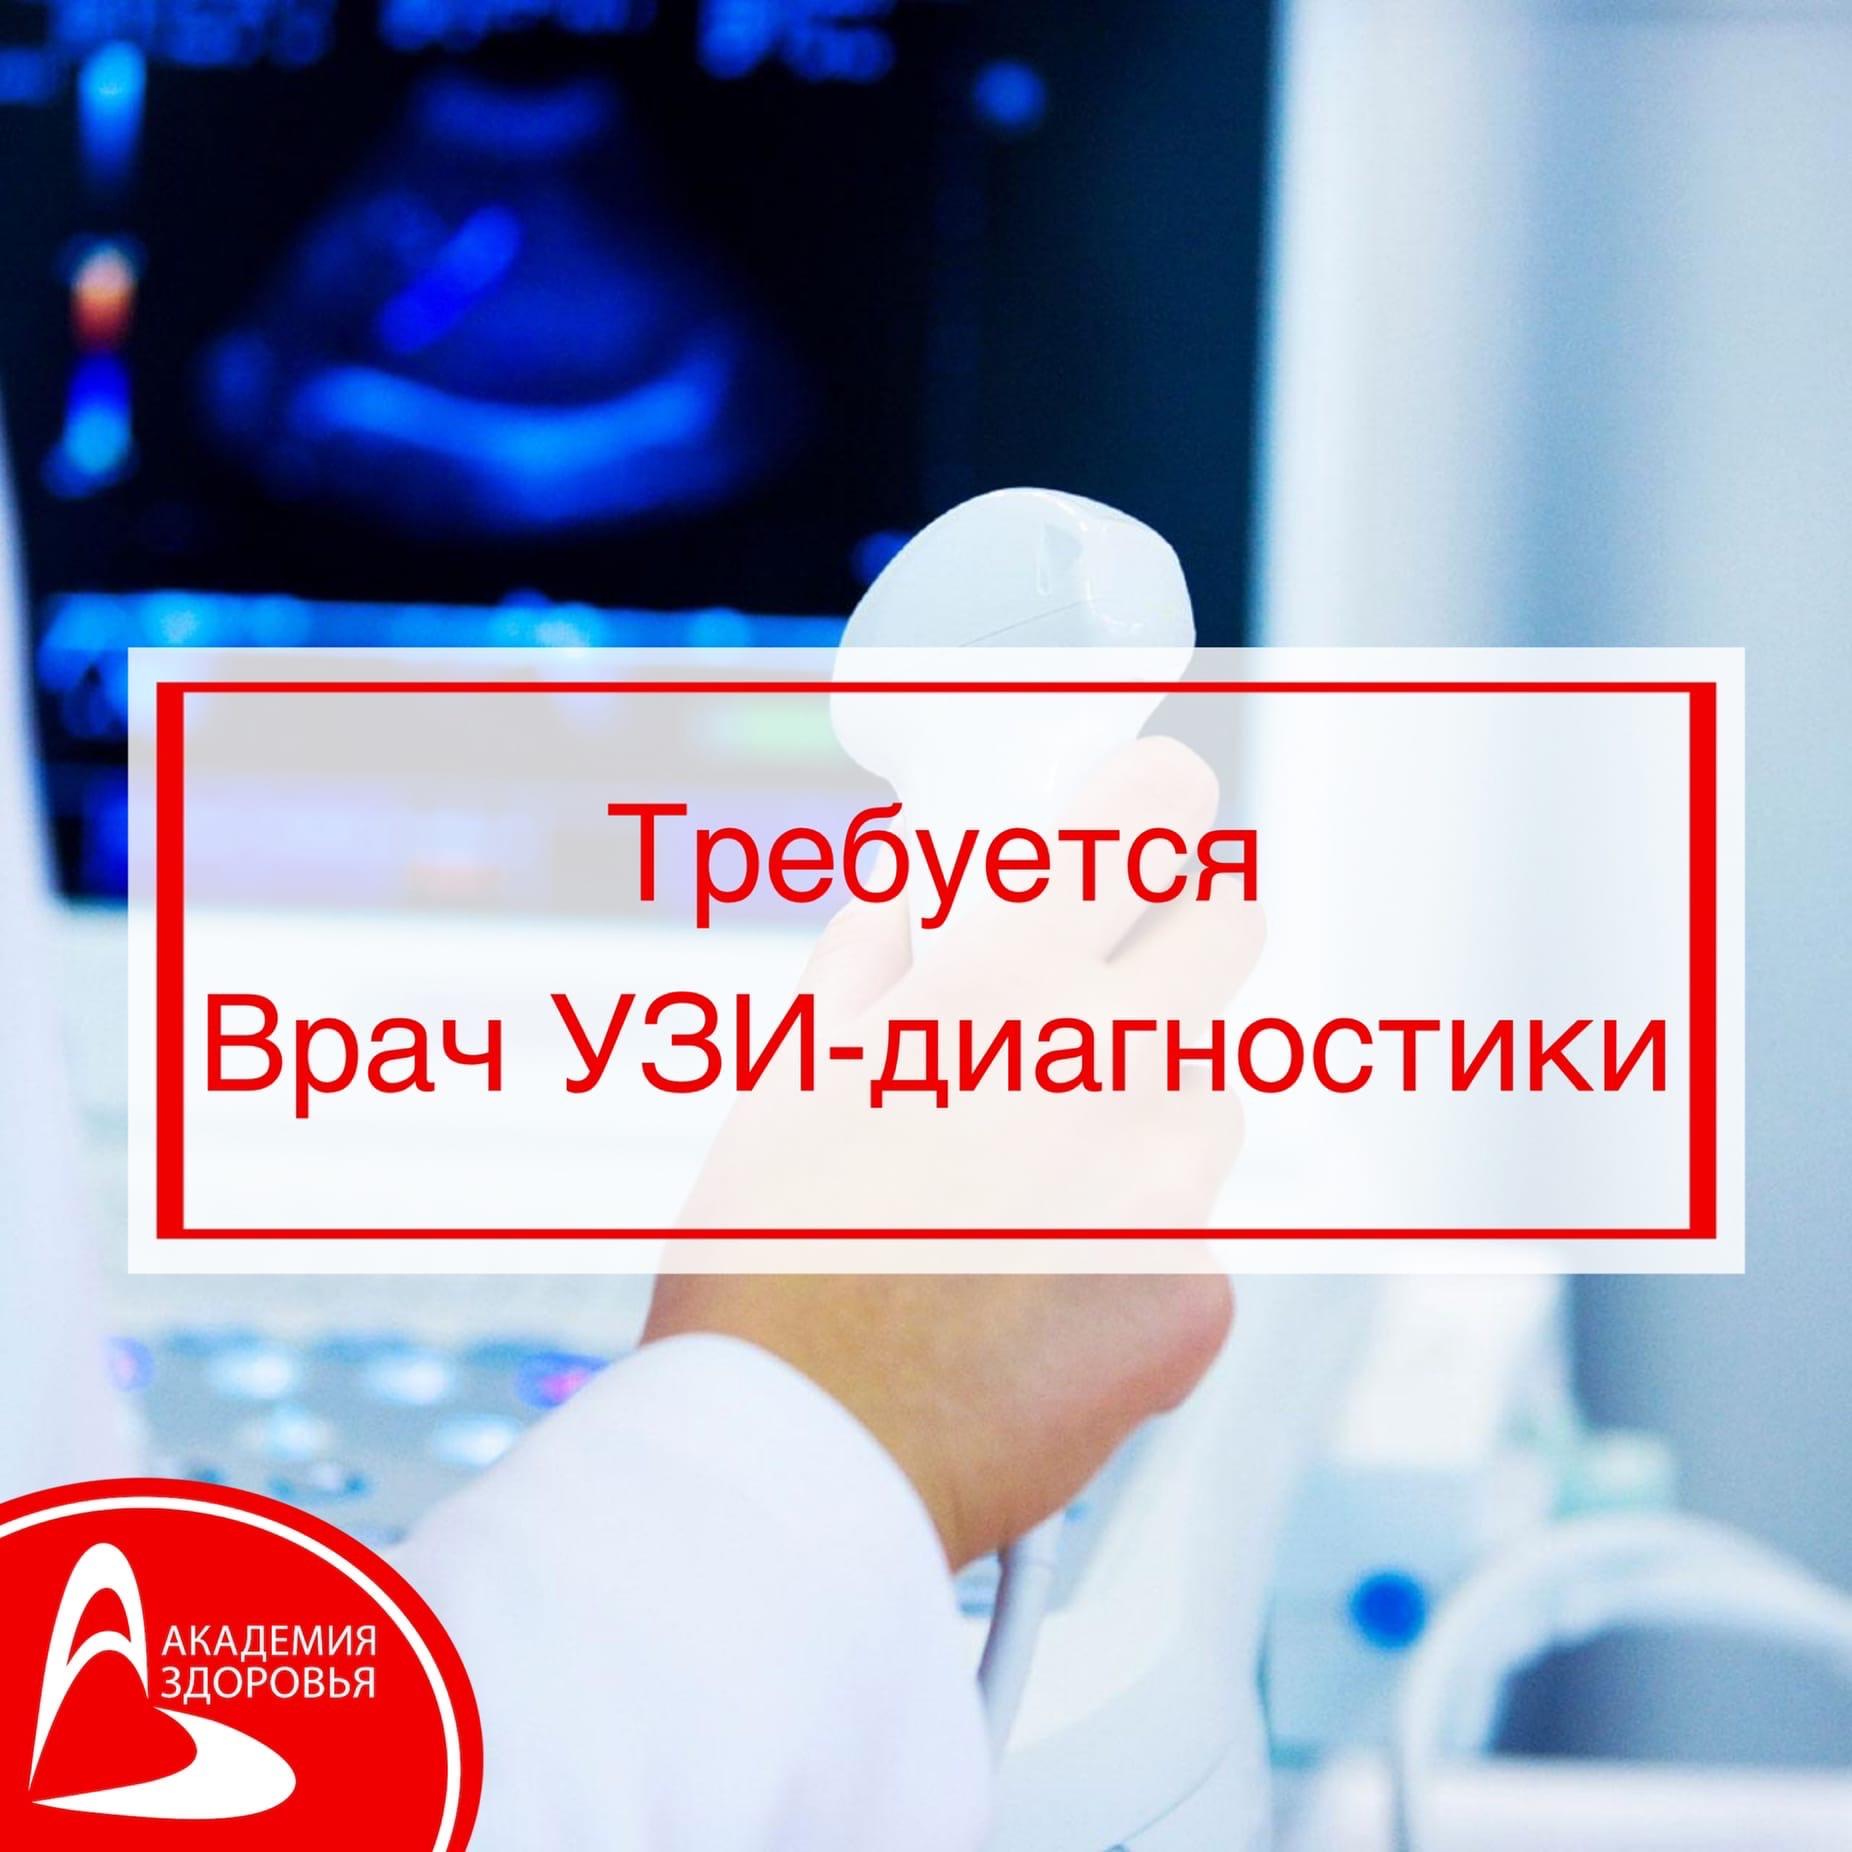 вакансия врача иваново